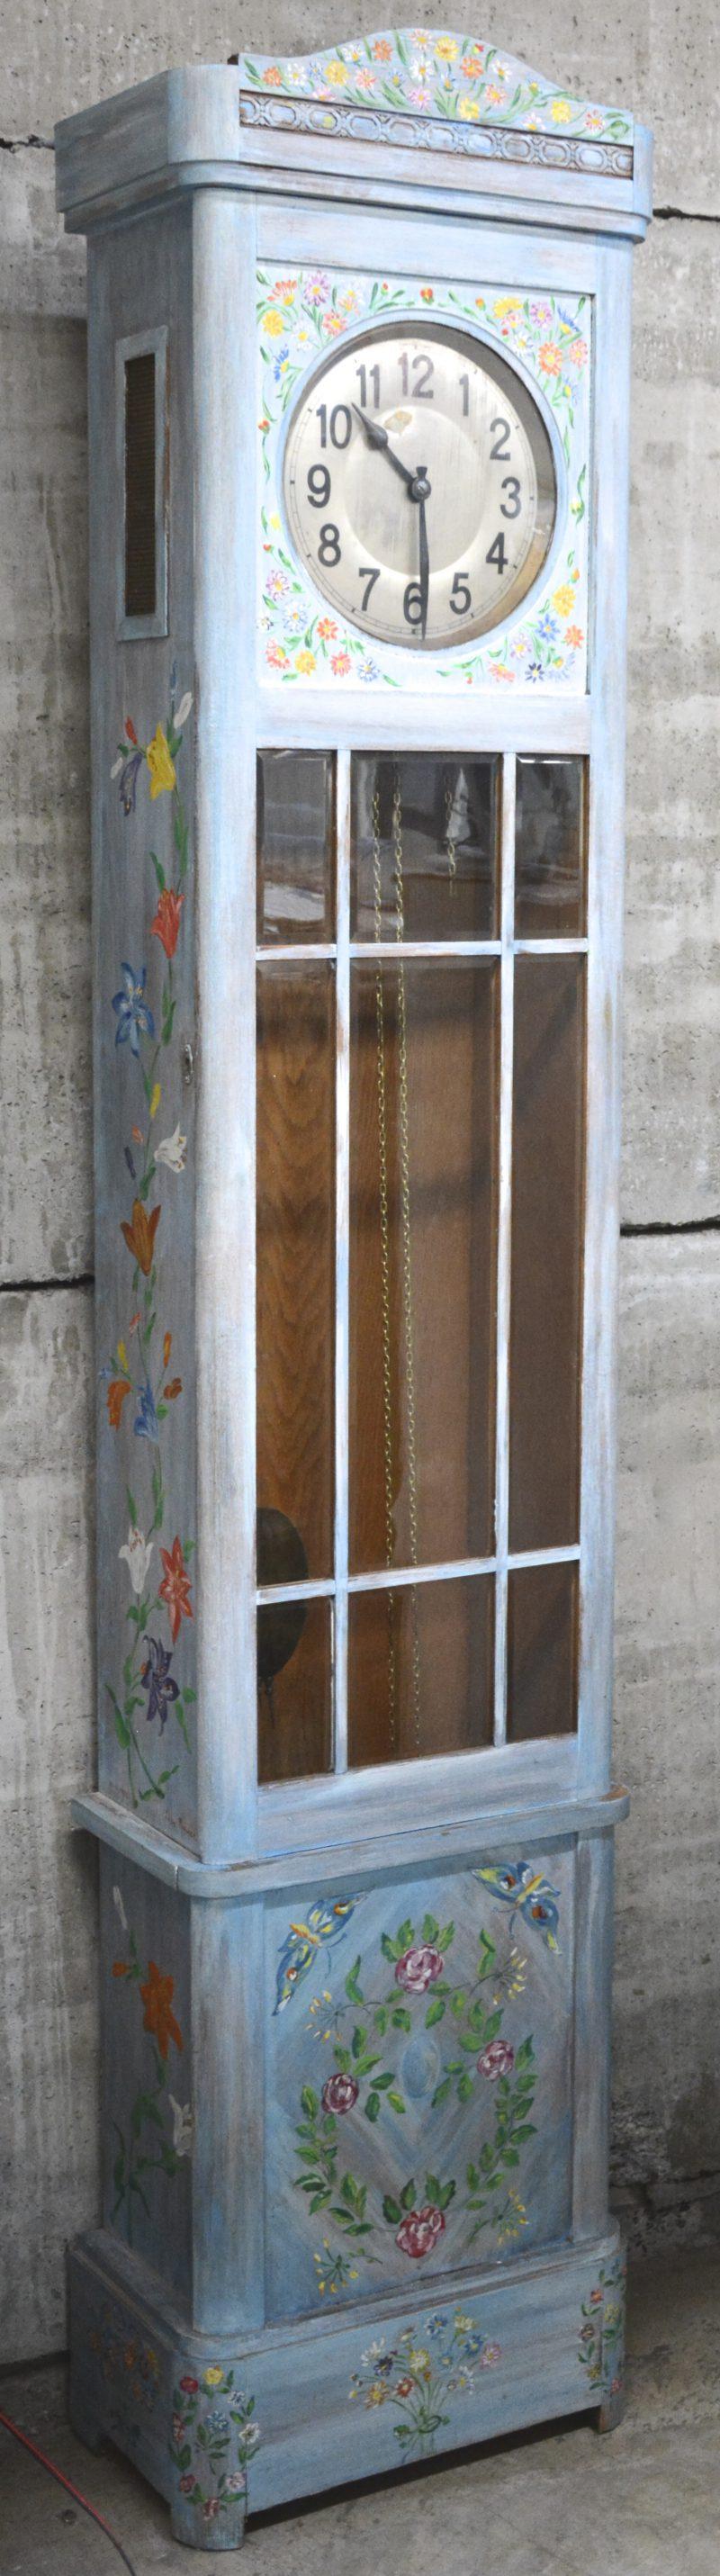 Een staande klok met blauwgepatineerde houten kast en versierd met bloemen en vlinders.